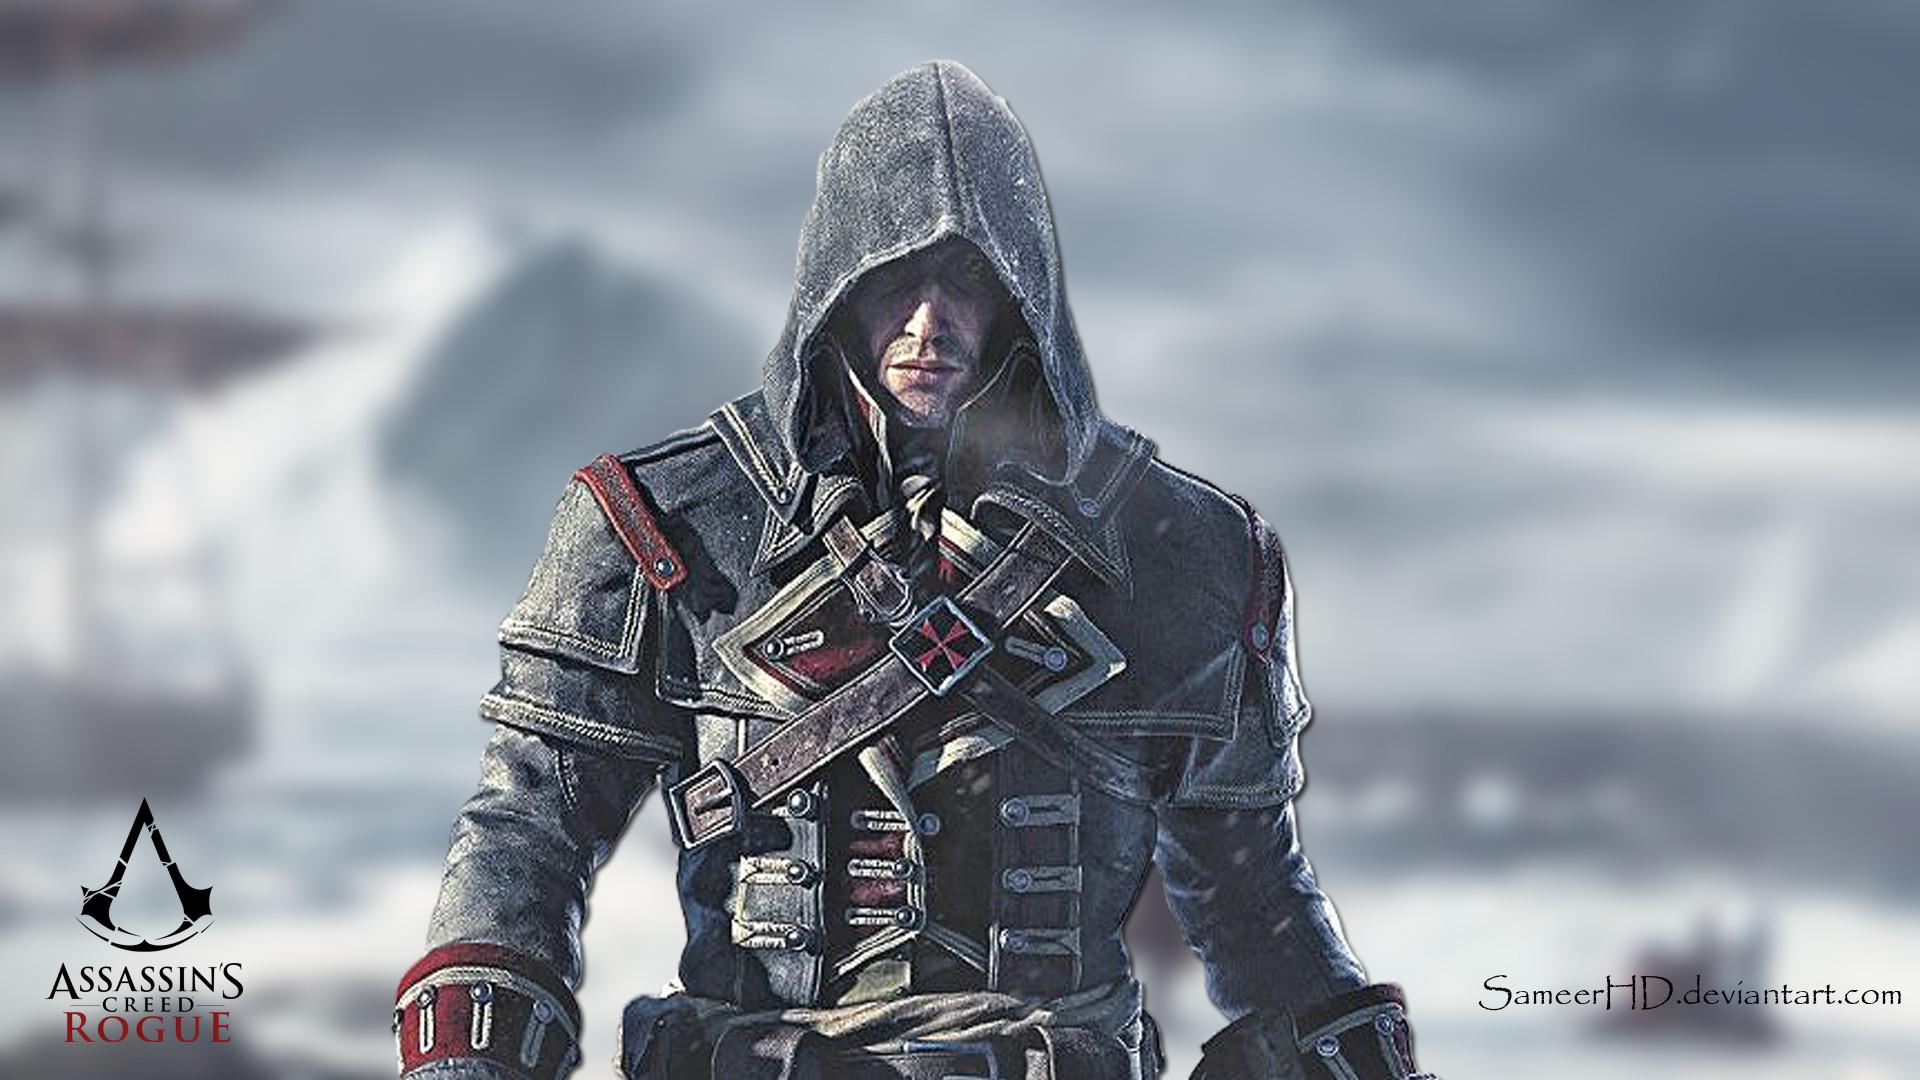 … Assassin's Creed Rogue Shay Cormac Wallpaper by SameerHD